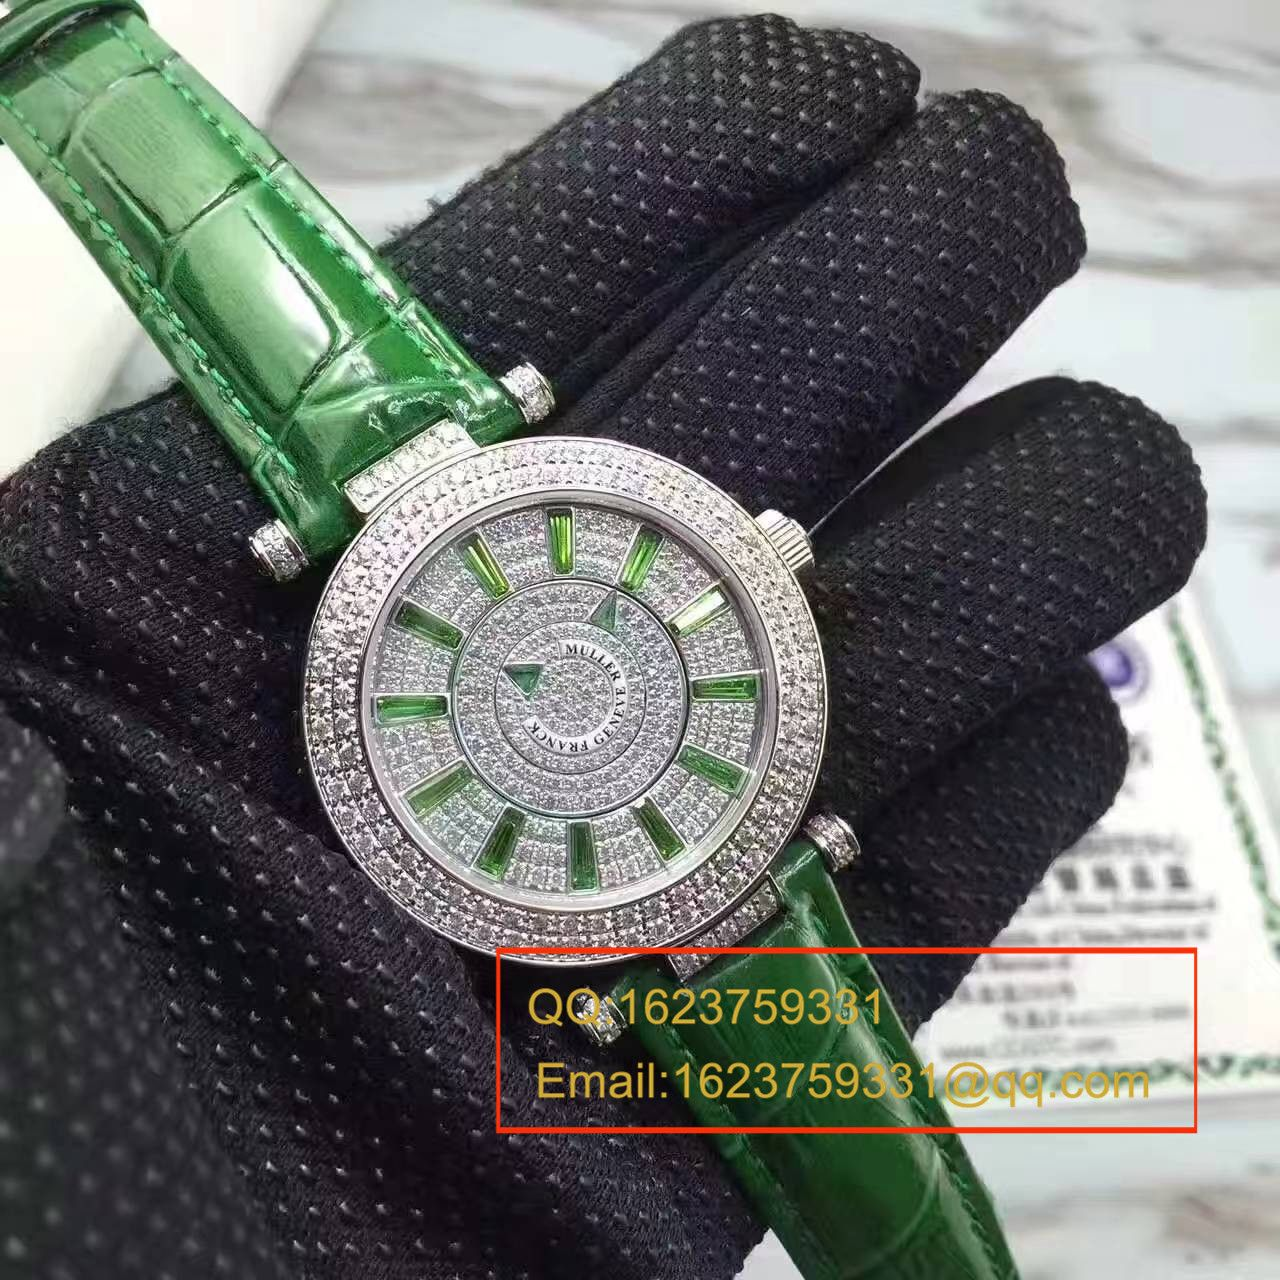 法兰克.穆勒DOUBLE MYSTERY系列42 DM D2R CD 白盘绿色表带女士腕表